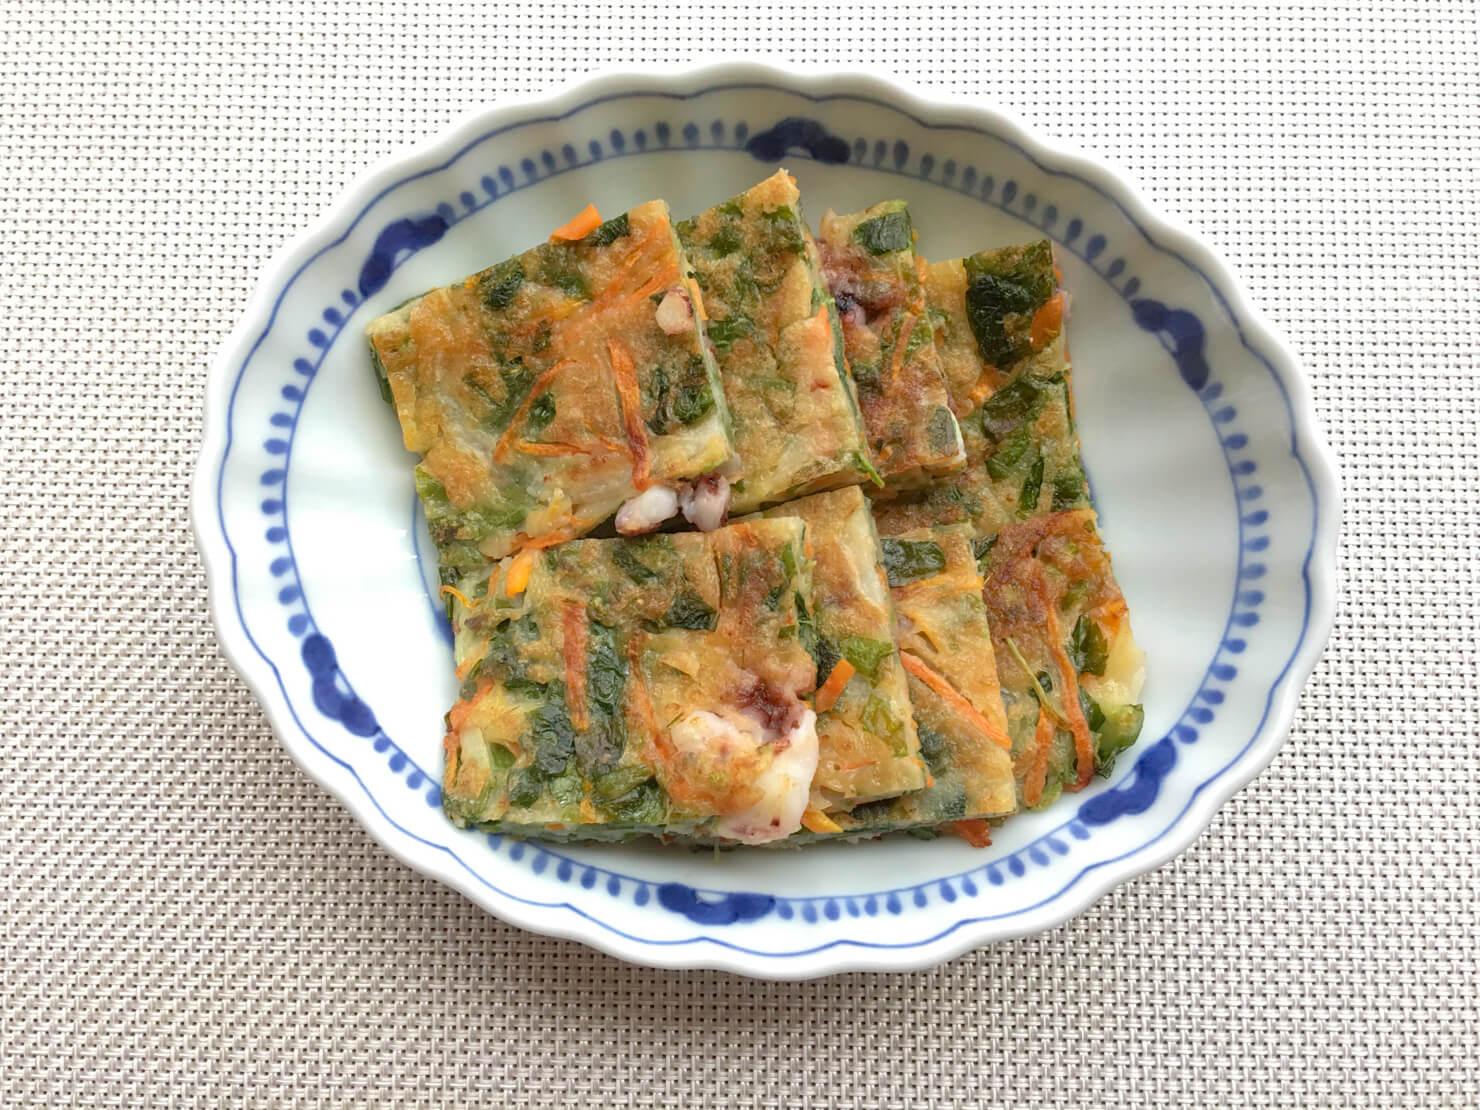 お弁当にぴったりのモロヘイヤの卵焼きの写真